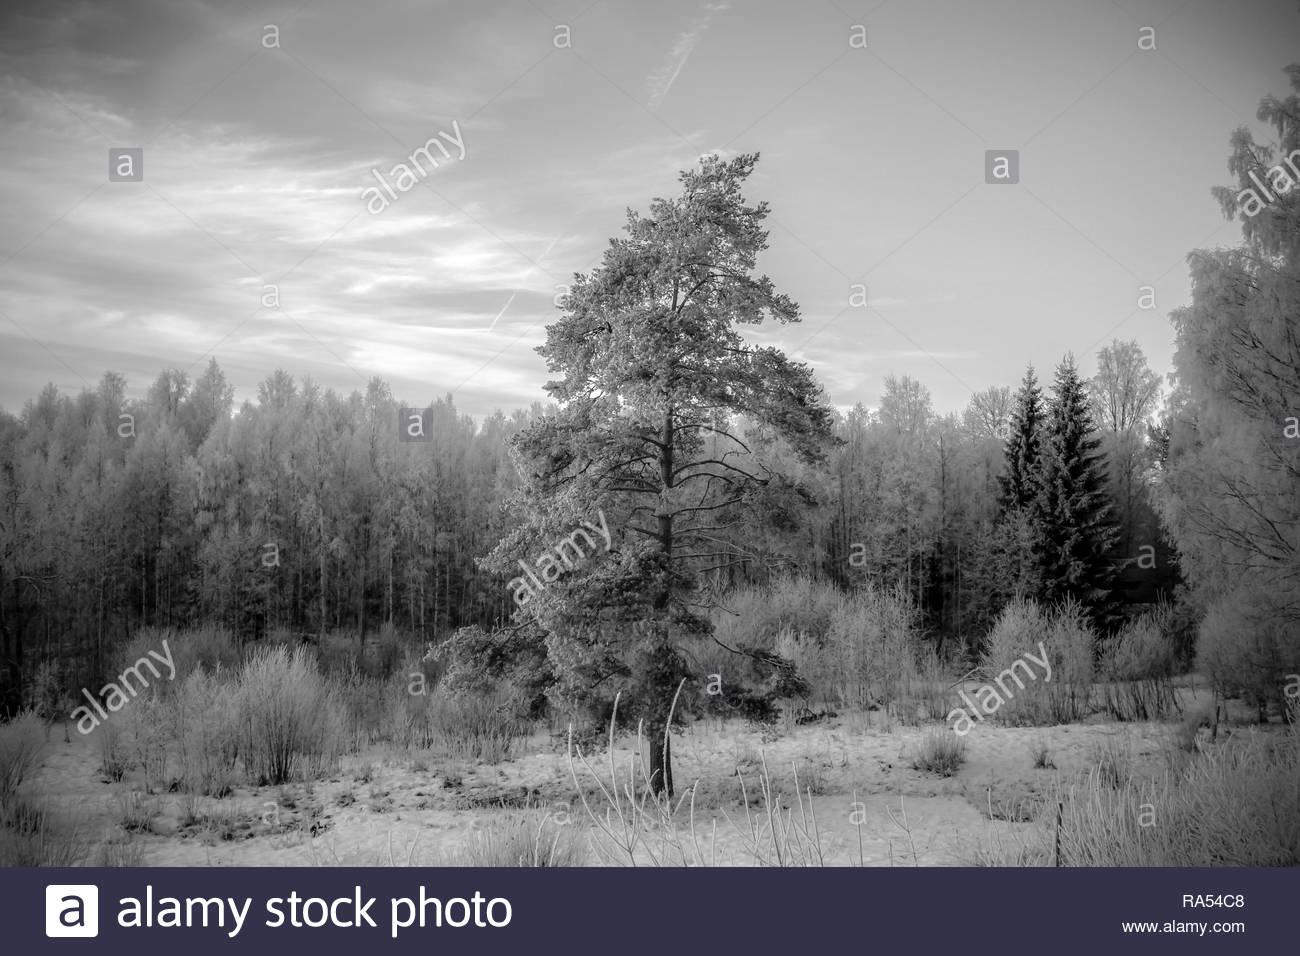 Swedshz Winterlandschaft in Schwarz und Weiß Stockbild